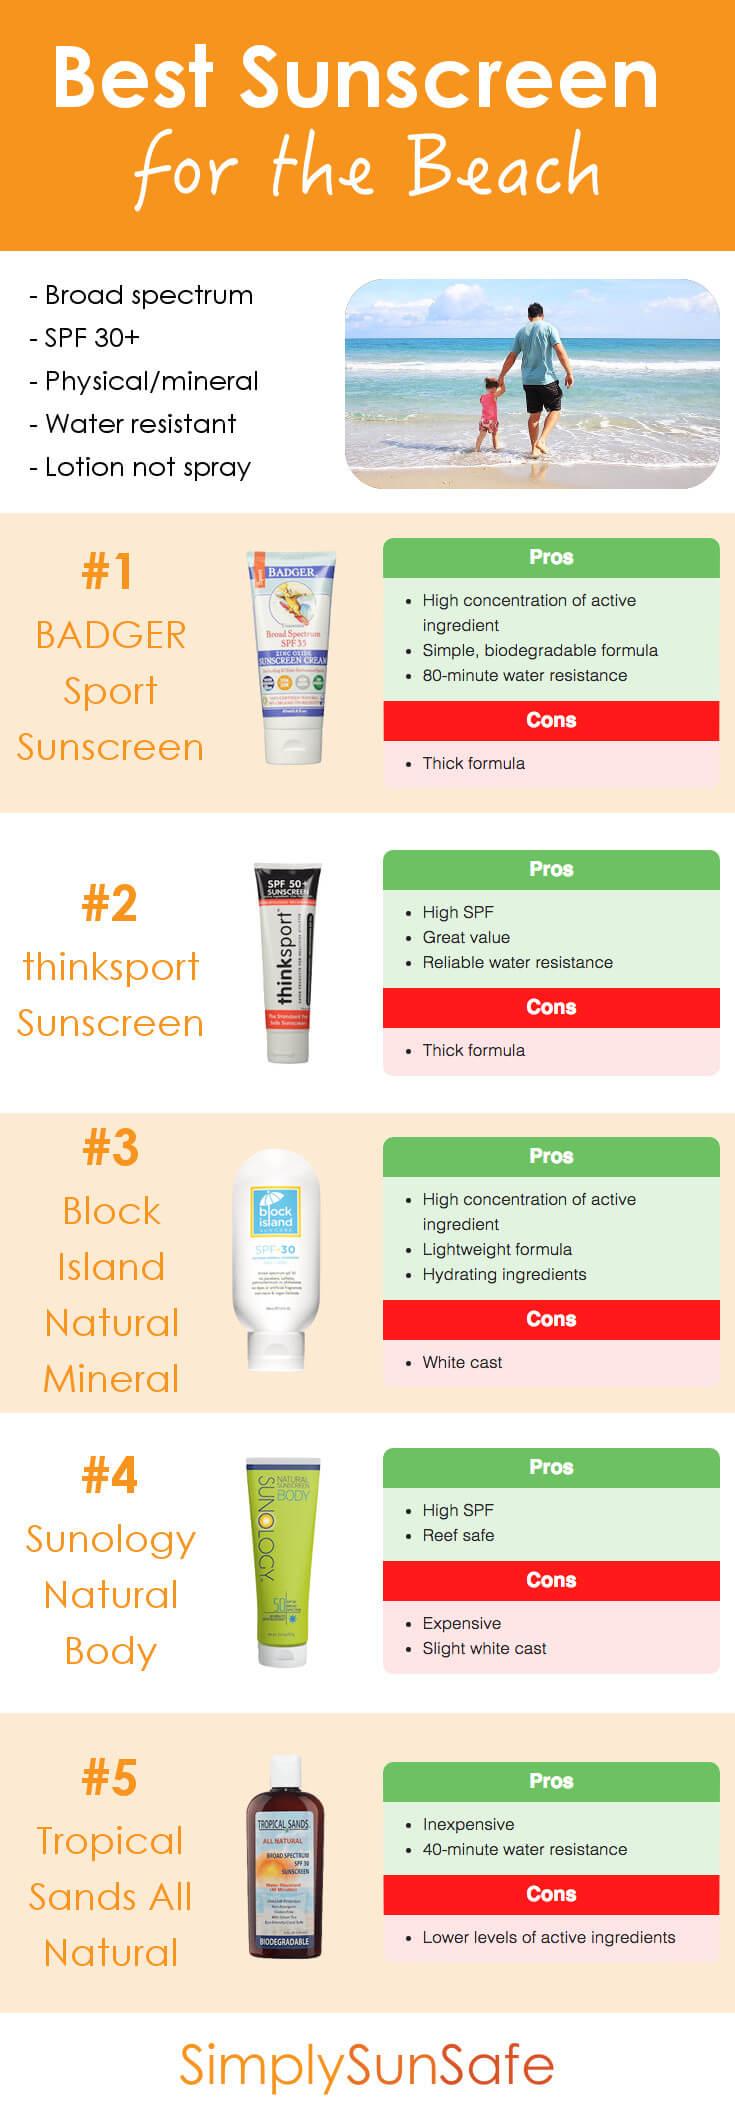 Best Sunscreen for the Beach Pinterest